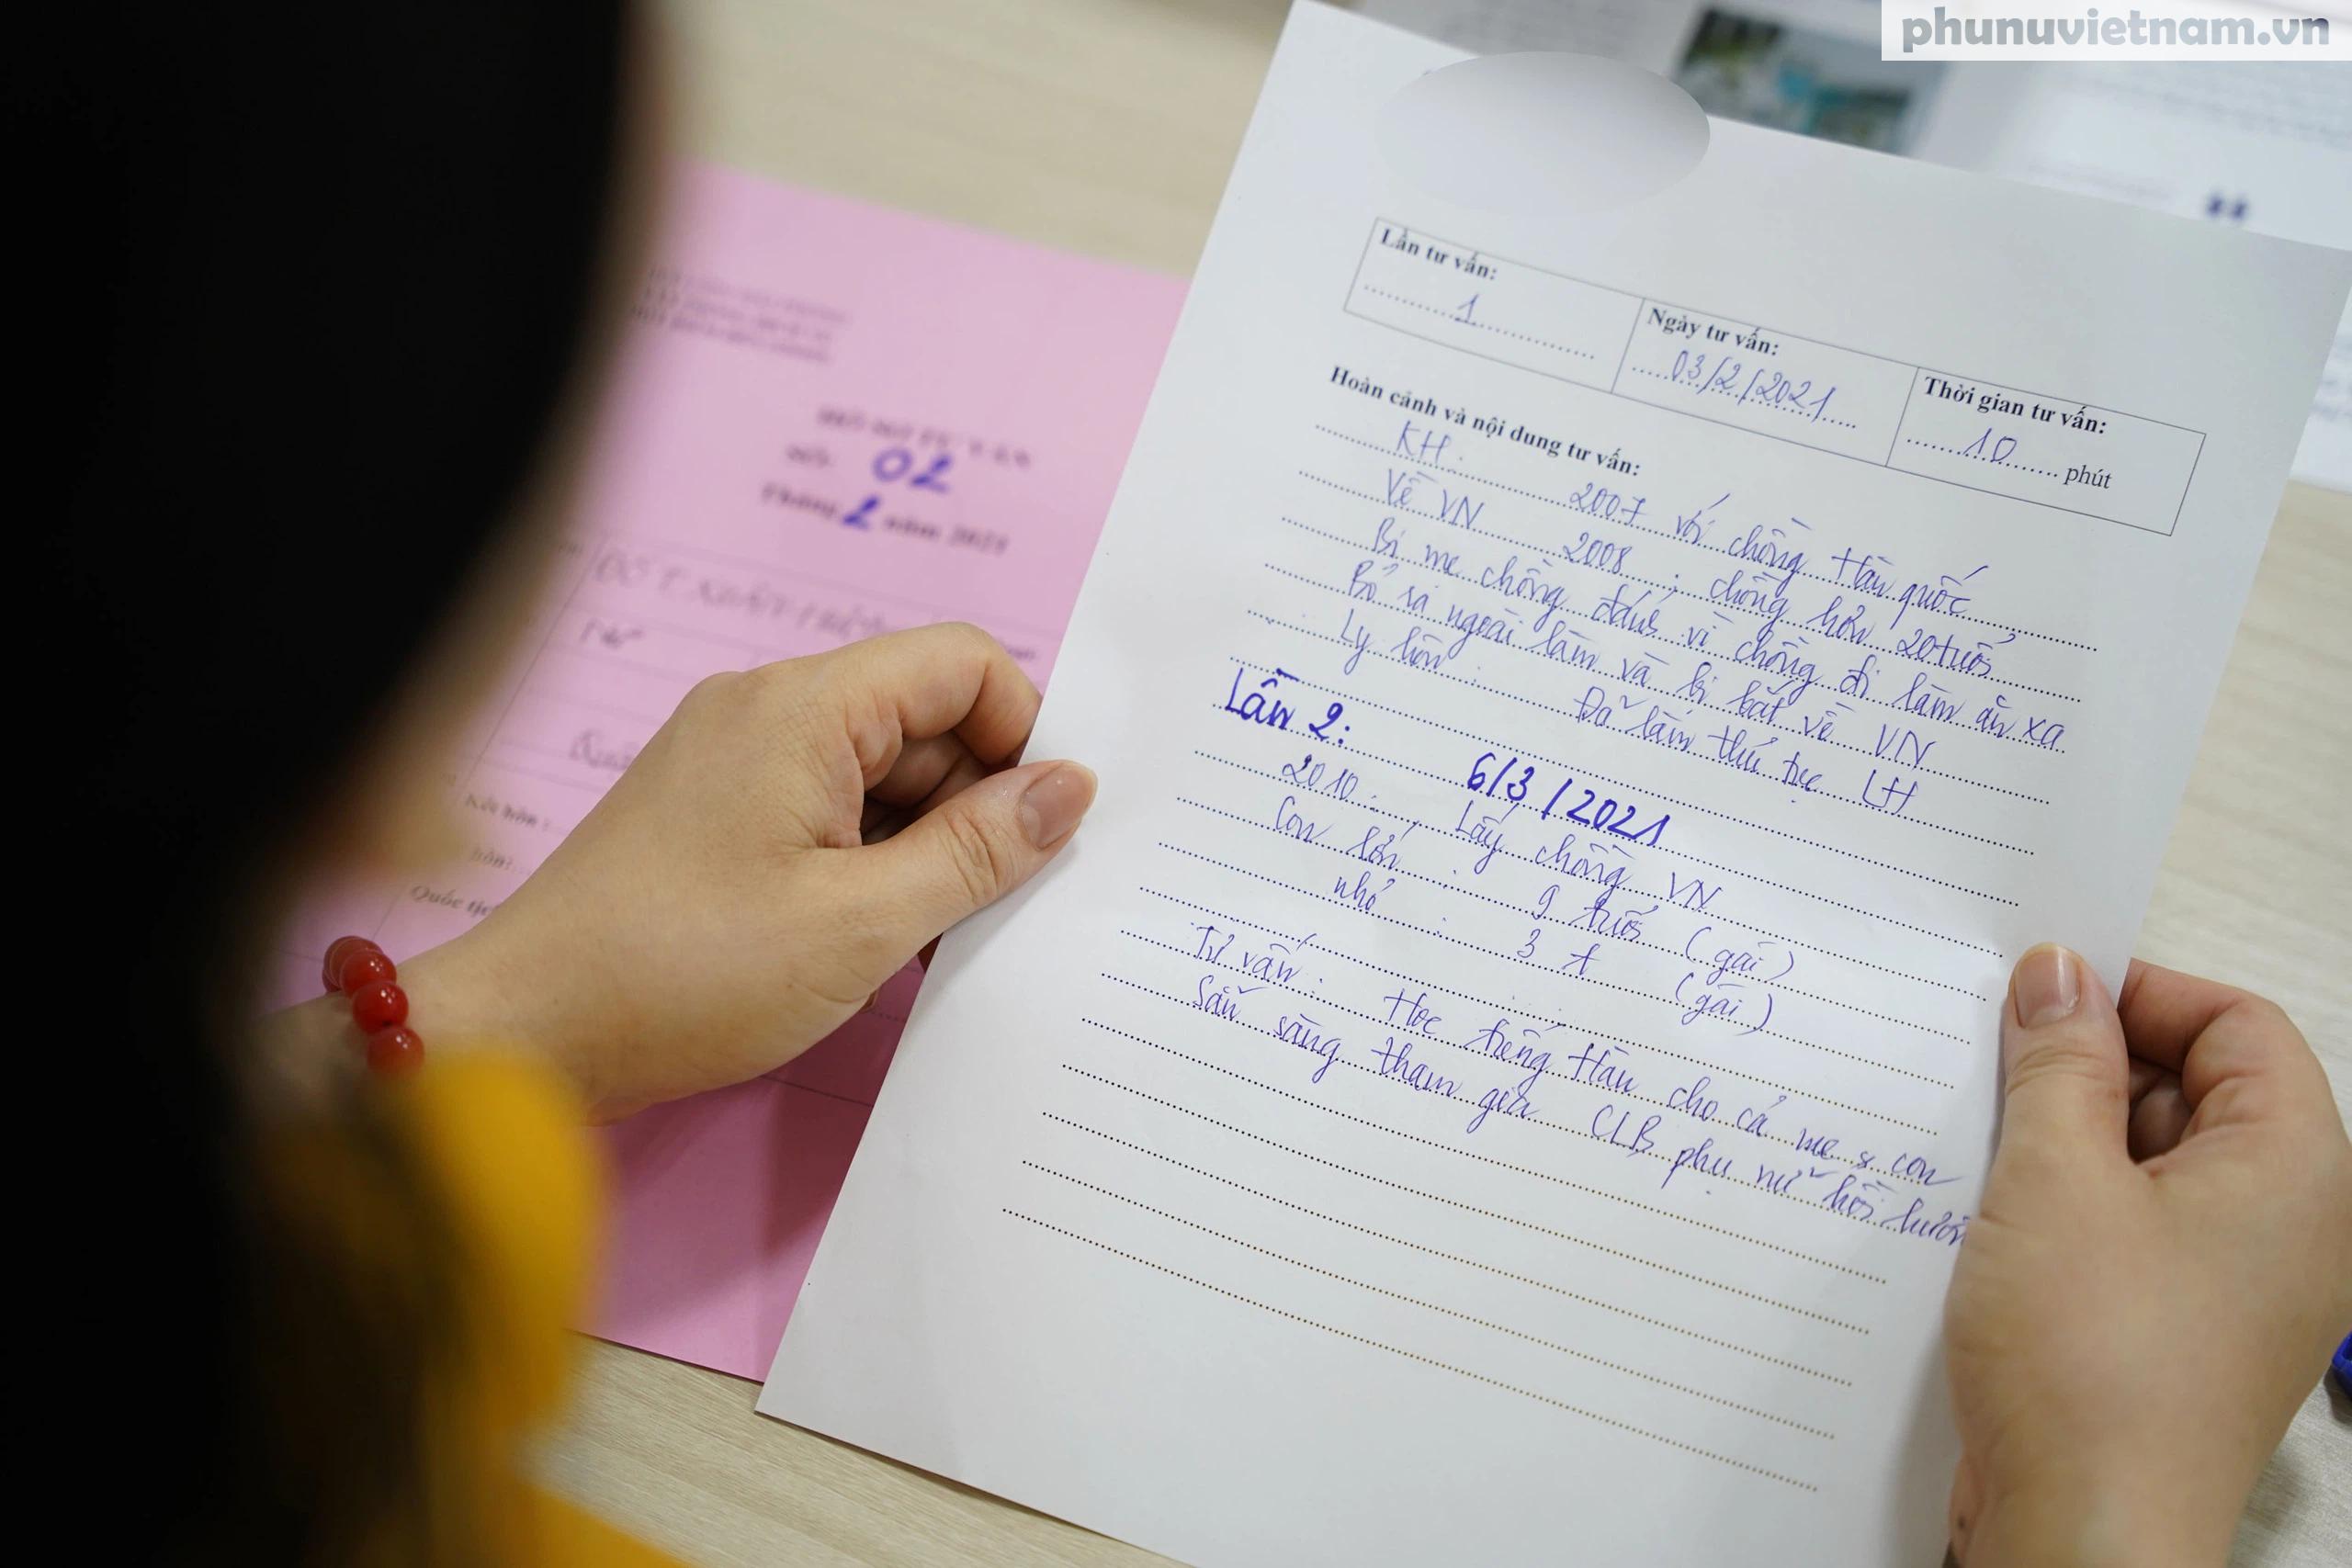 Văn phòng hỗ trợ phụ nữ di cư hồi hương ở Hải Phòng trước ngày khai trương - Ảnh 9.